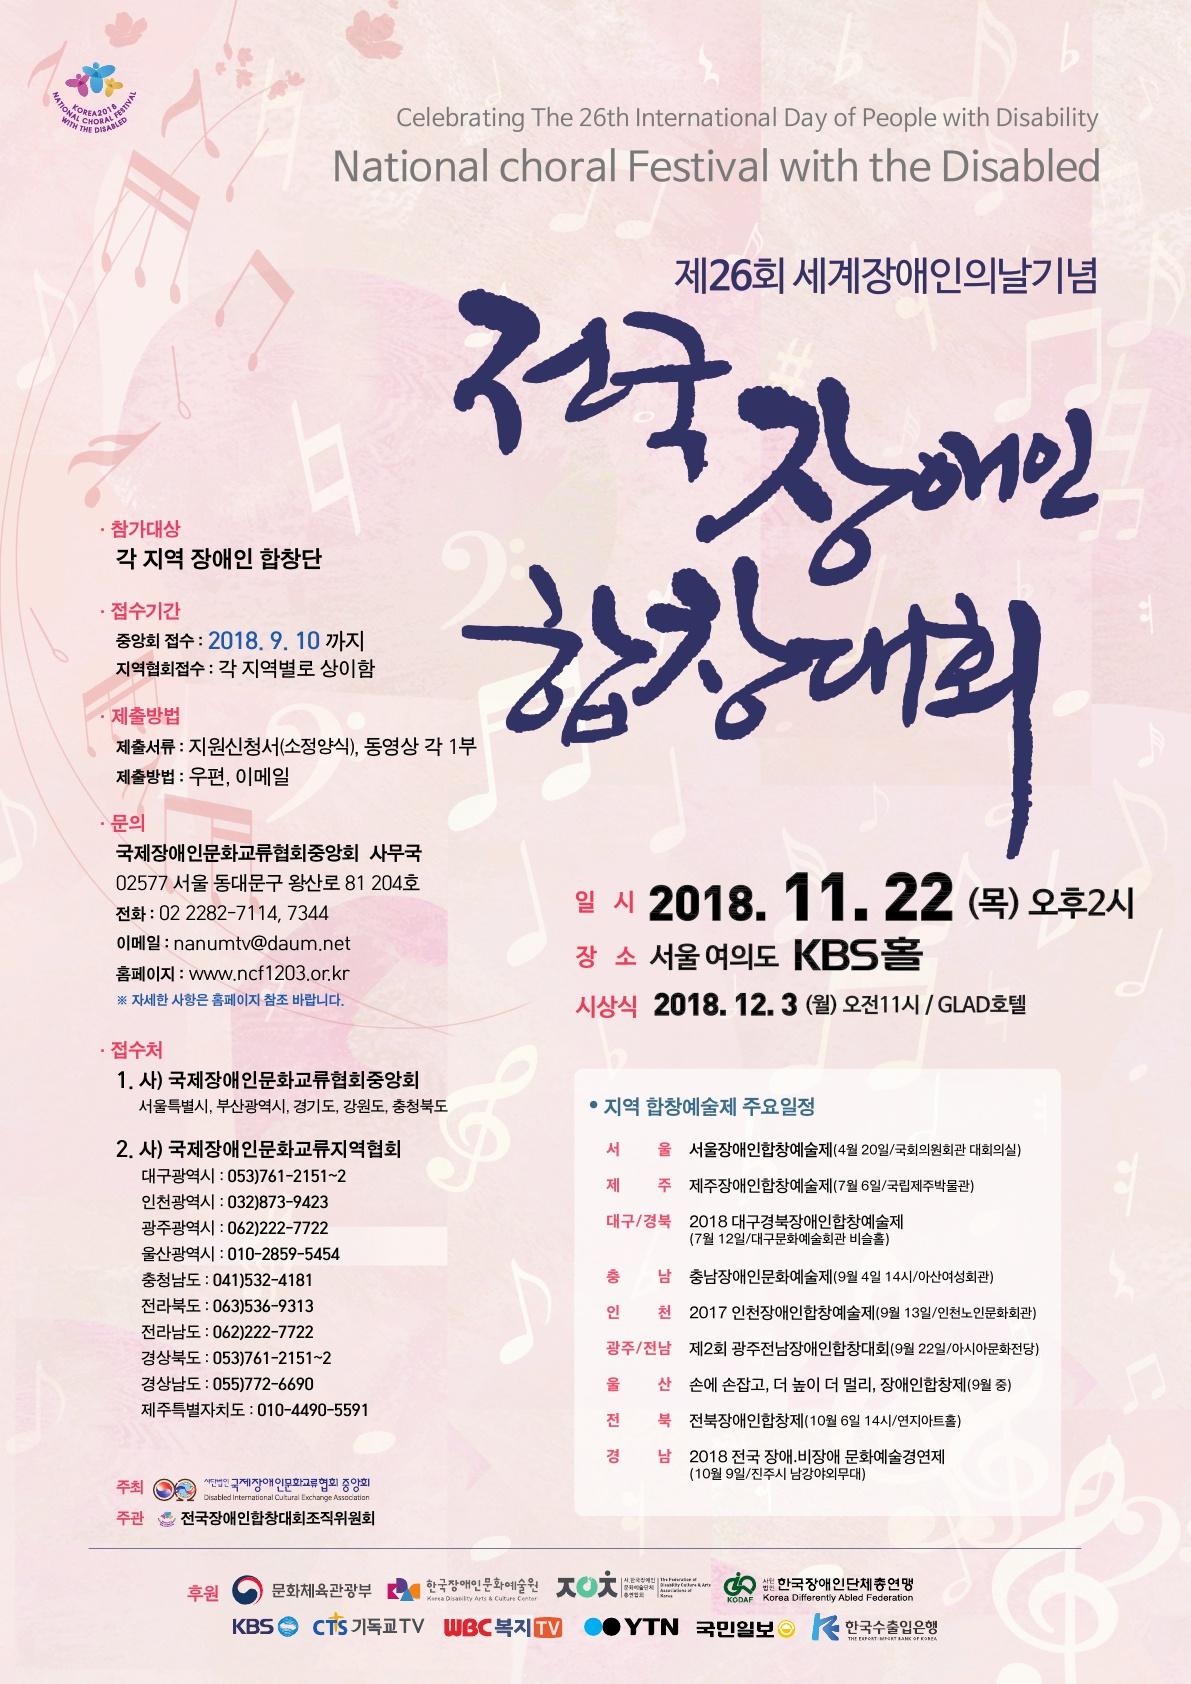 [별첨2]포스터_2018전국장애인합창대회.jpg